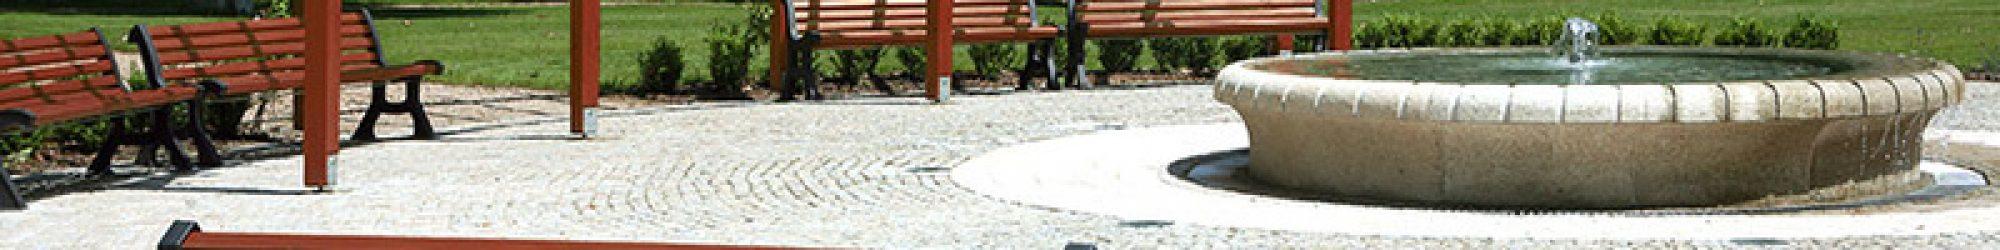 prague puistonpenkki